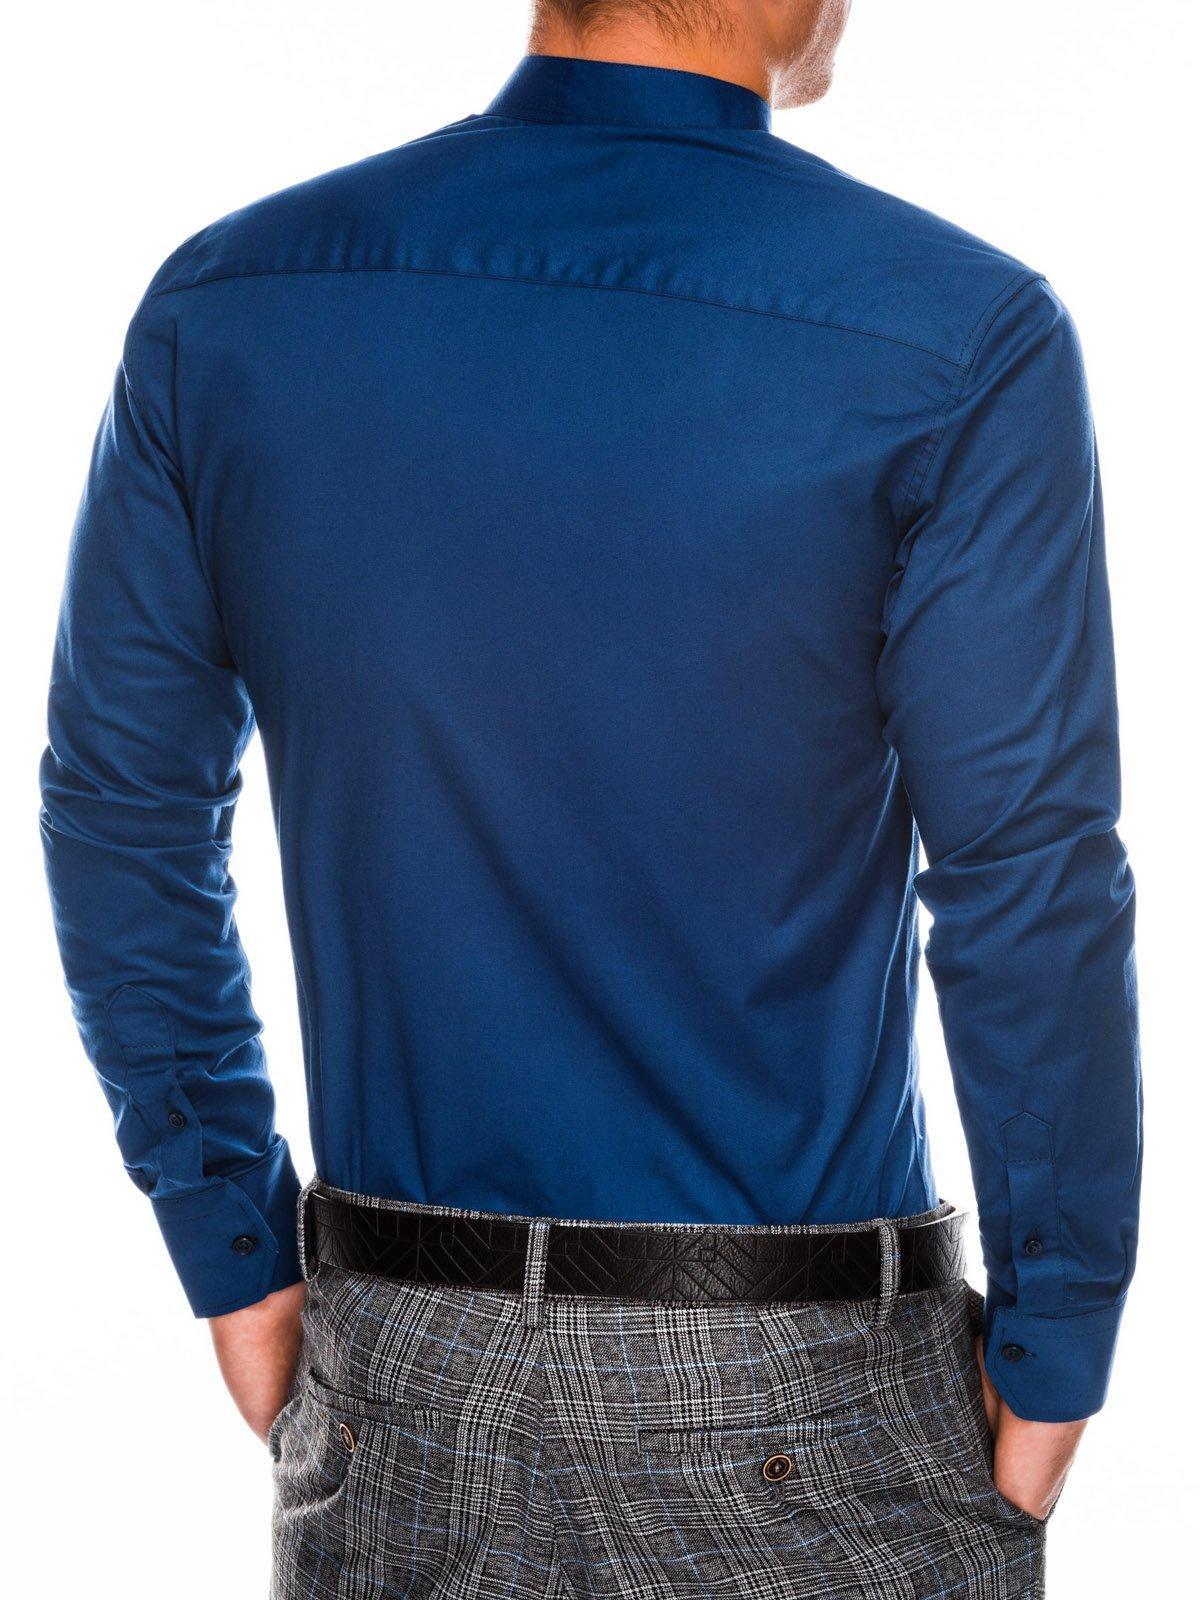 353cfd42c607663 Мужская рубашка элегантная с длинным рукавом K307 - темно-синяя ...